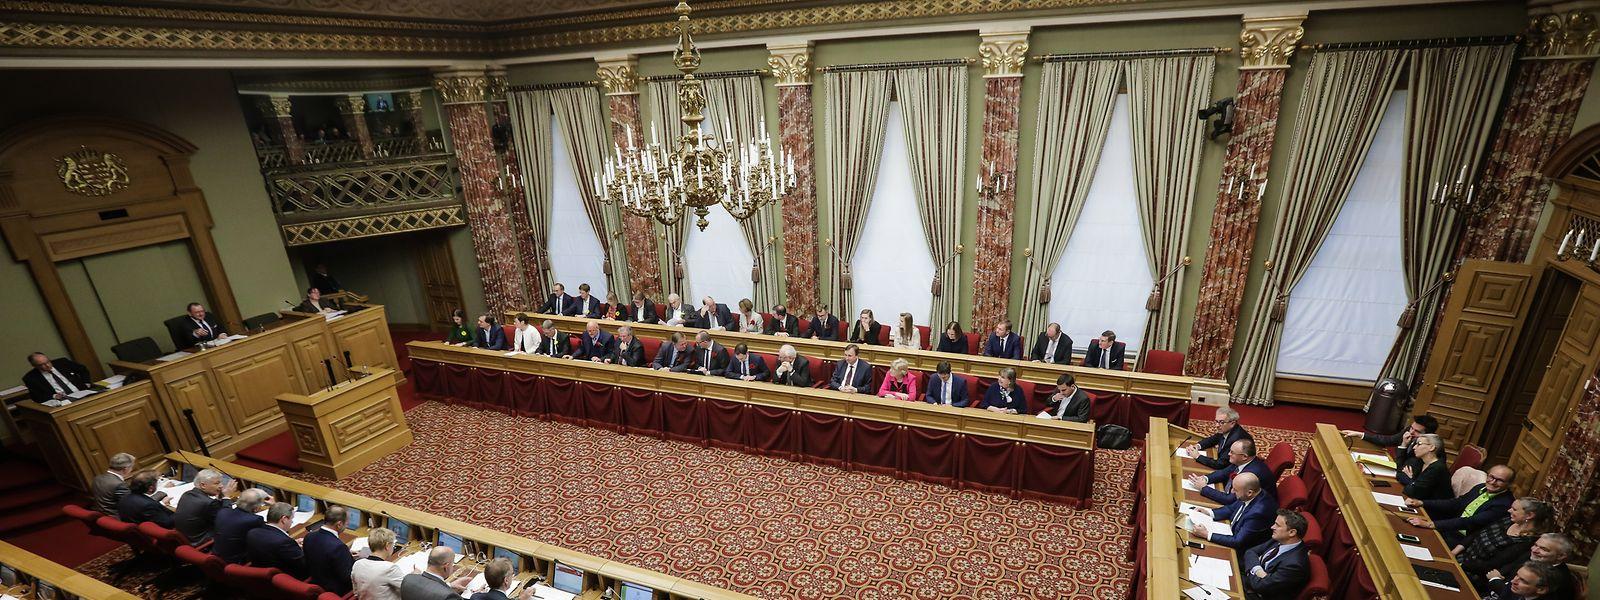 """Martine Hansen (CSV) garante que saída em bloco da oposição do Parlamento não foi """"orquestrada""""."""